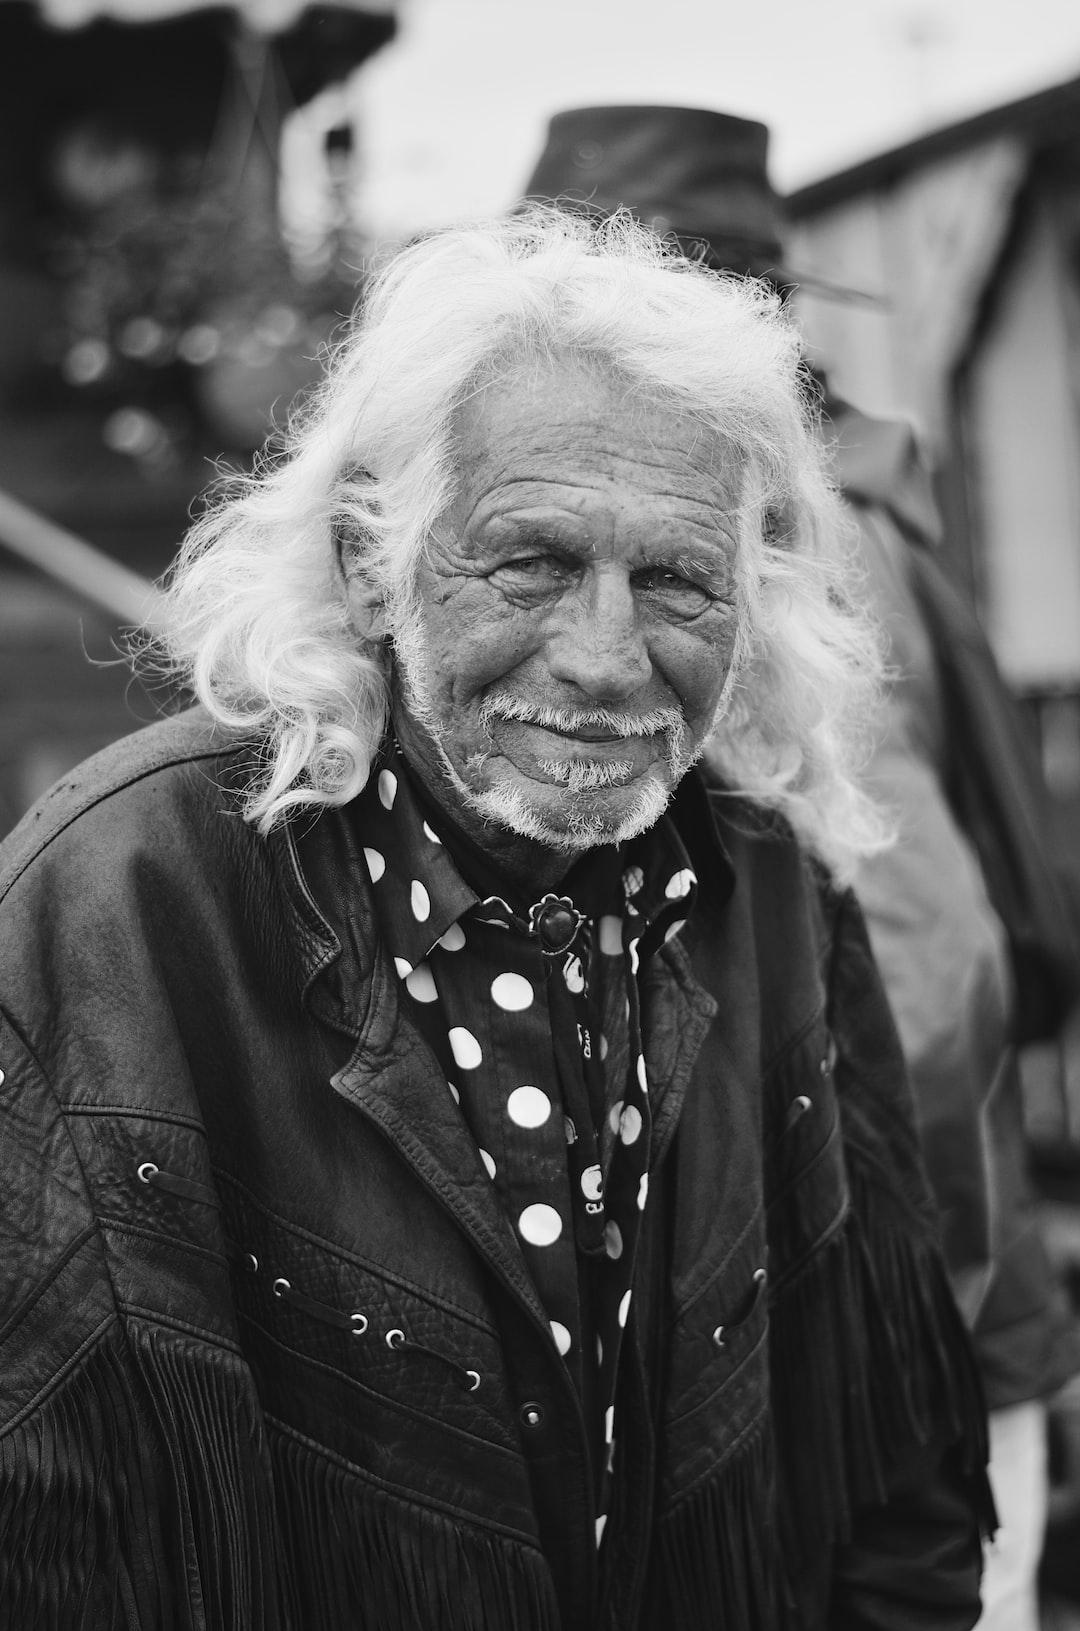 Gypsy Old Man